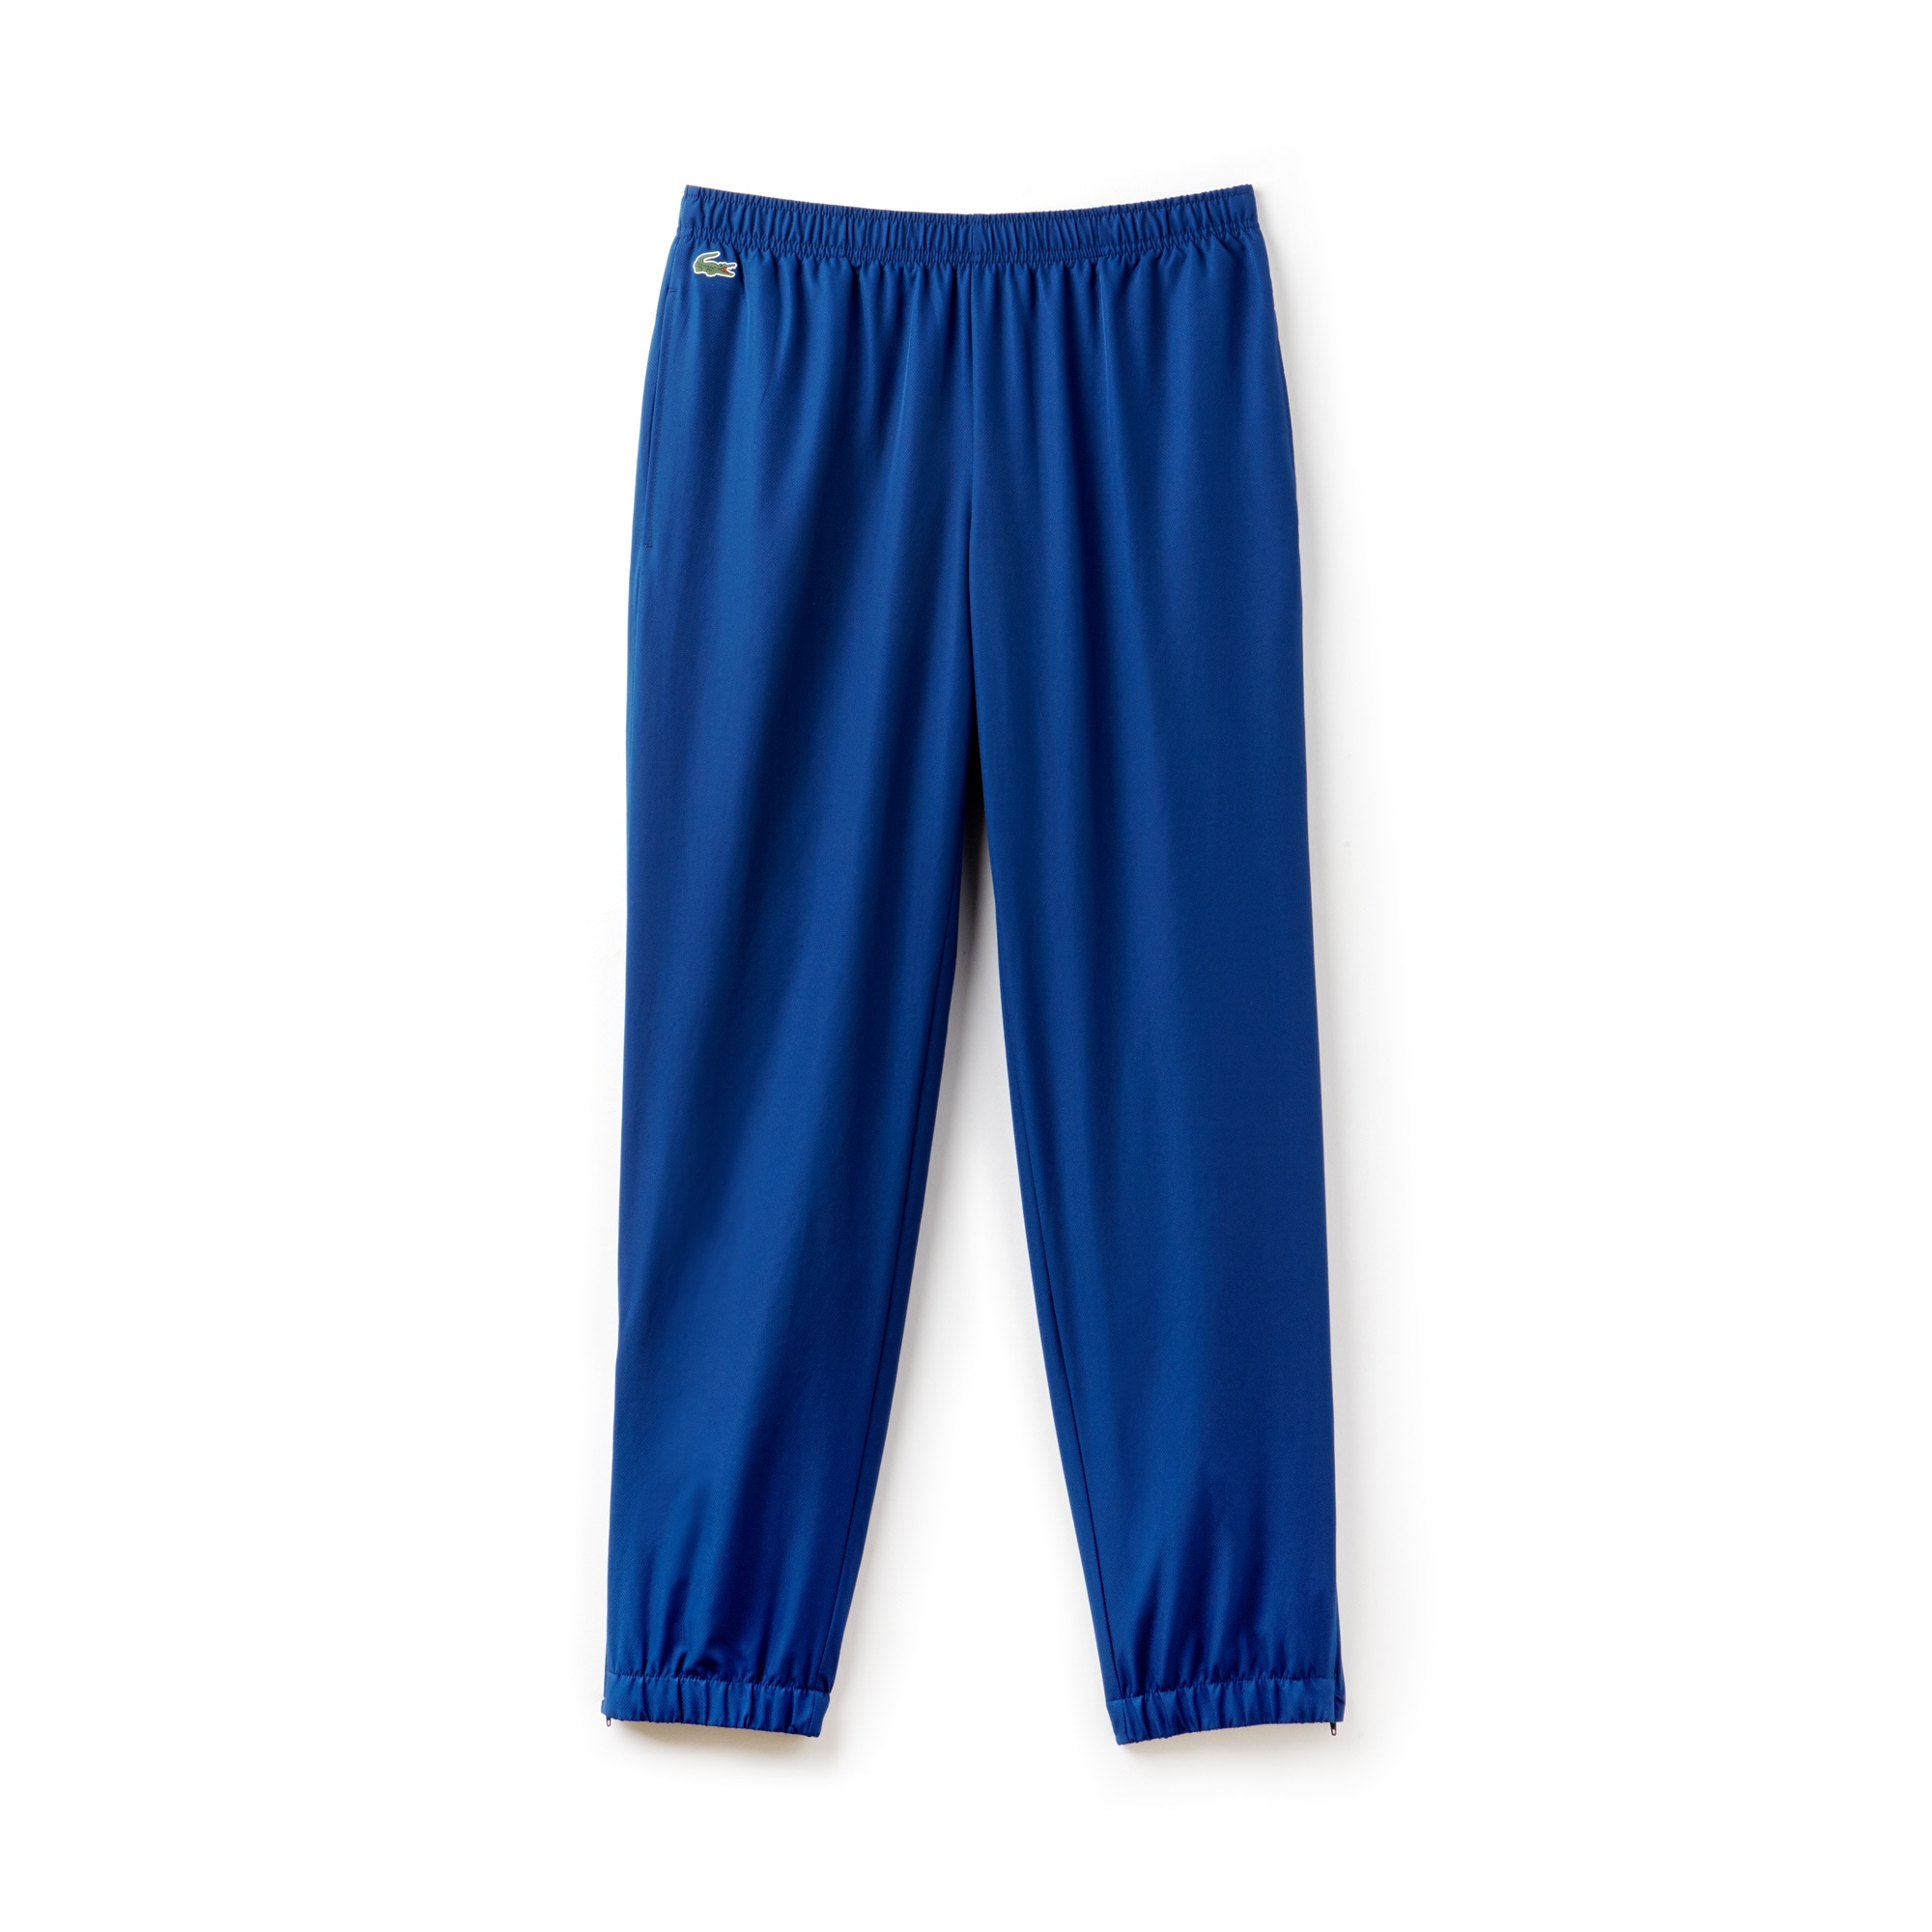 Pantalon de survêtement Tennis Lacoste SPORT en taffetas